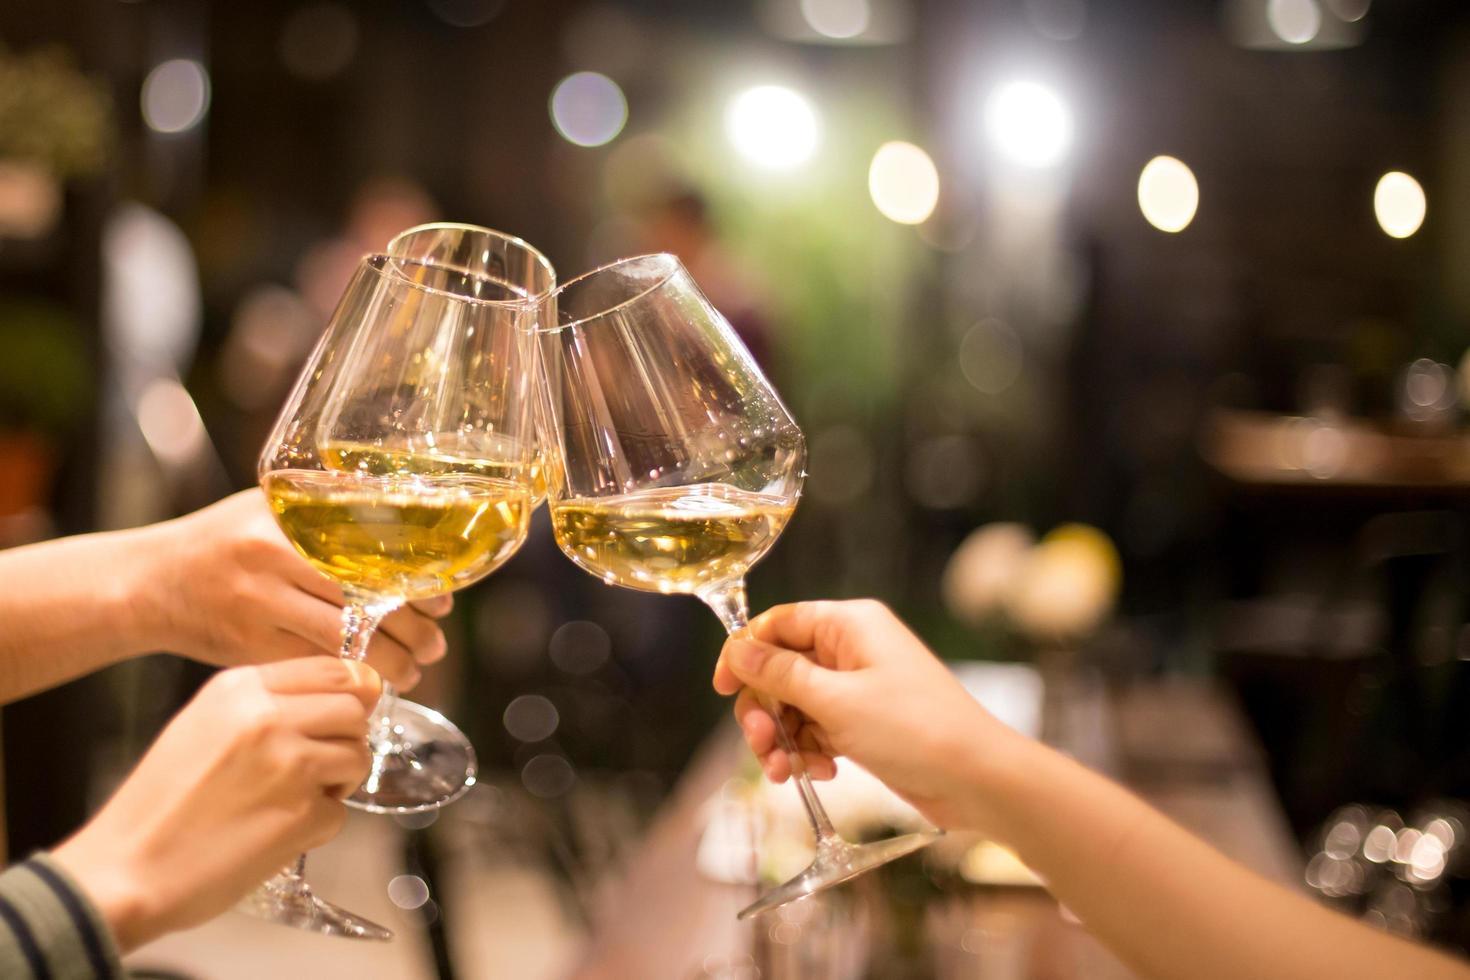 vrienden roosteren met glazen wijn foto